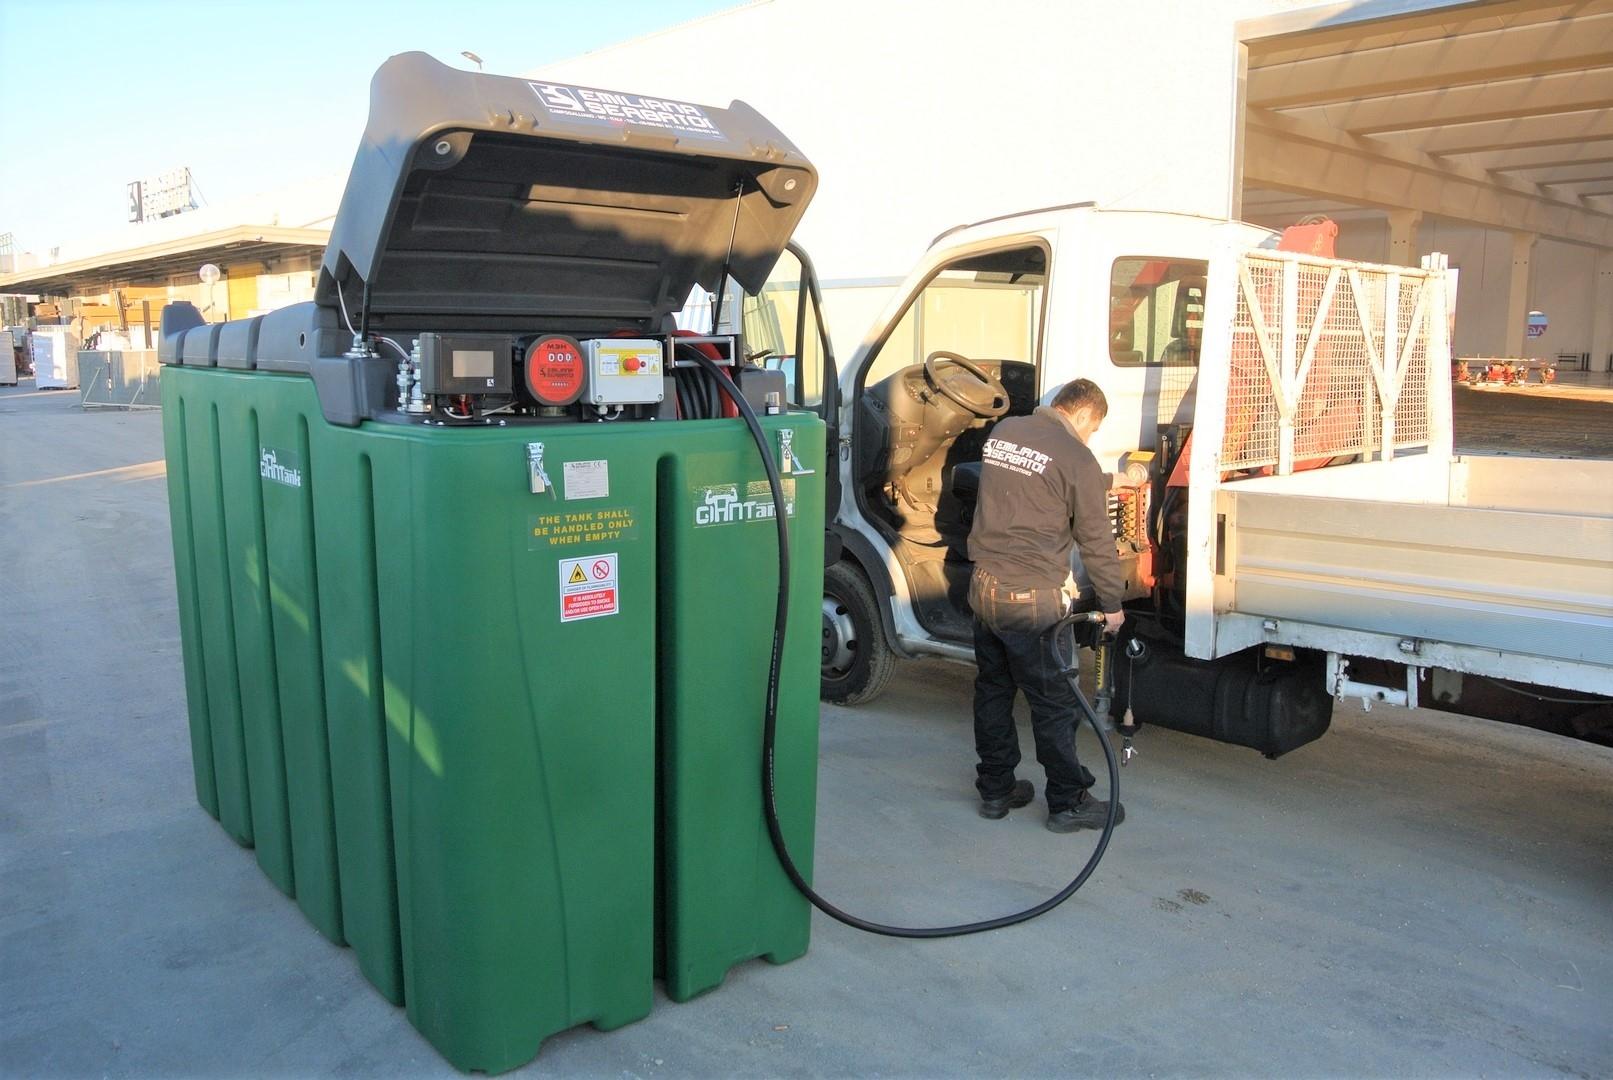 Заправка автомобиля дизельным топливом из мини АЗС в автосервисе